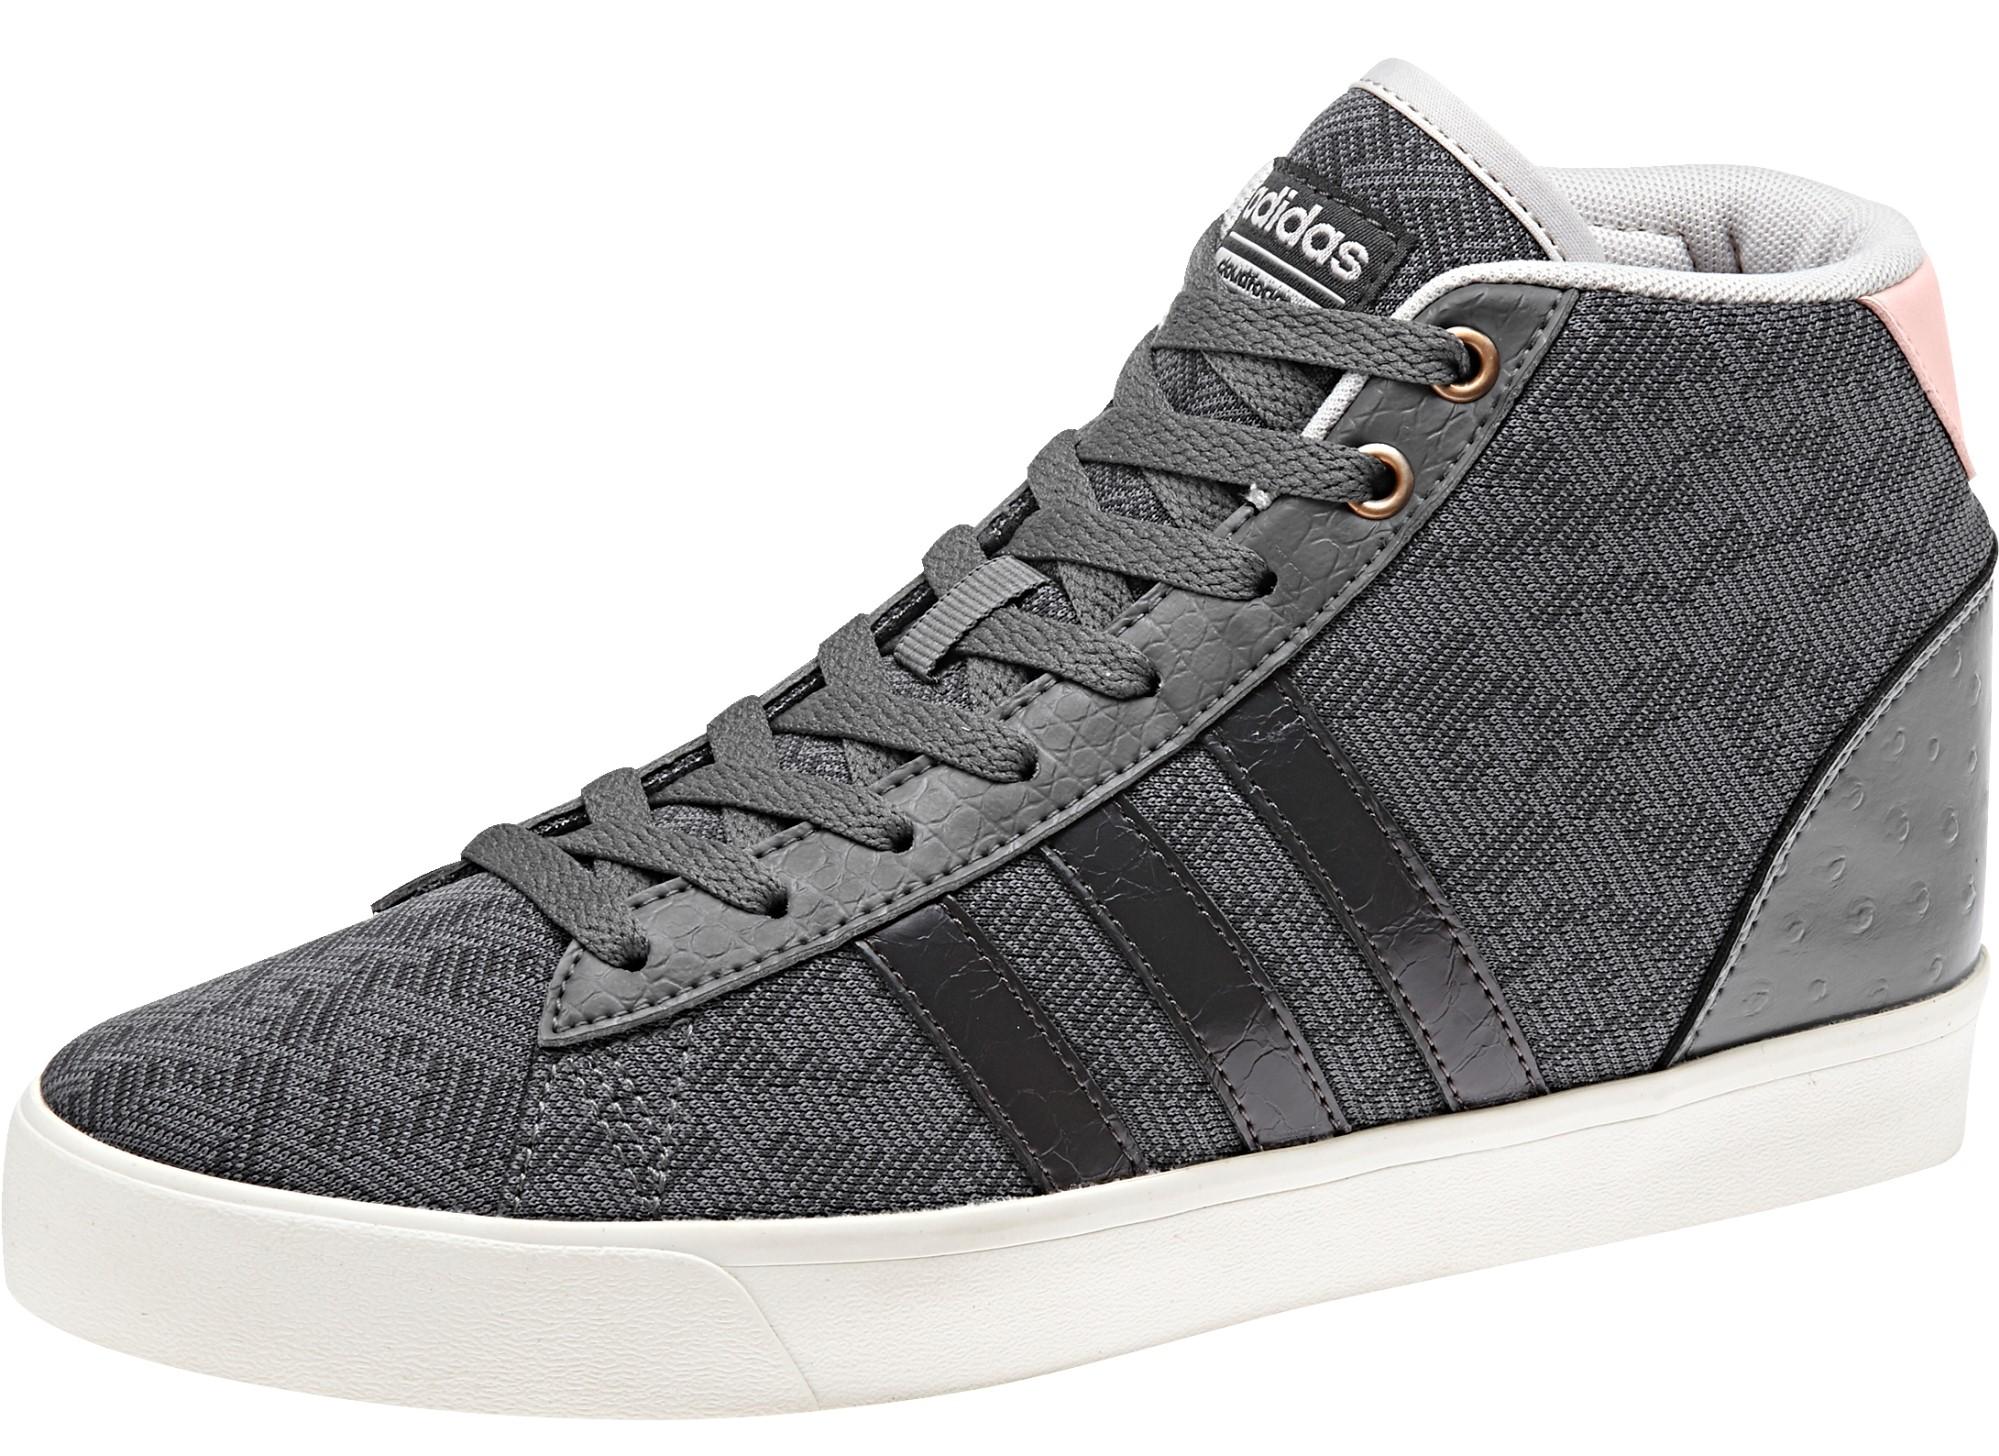 ... Dámske členkové topánky adidas CF DAILY QT MID W sivé. Zľava eadb94e05cf